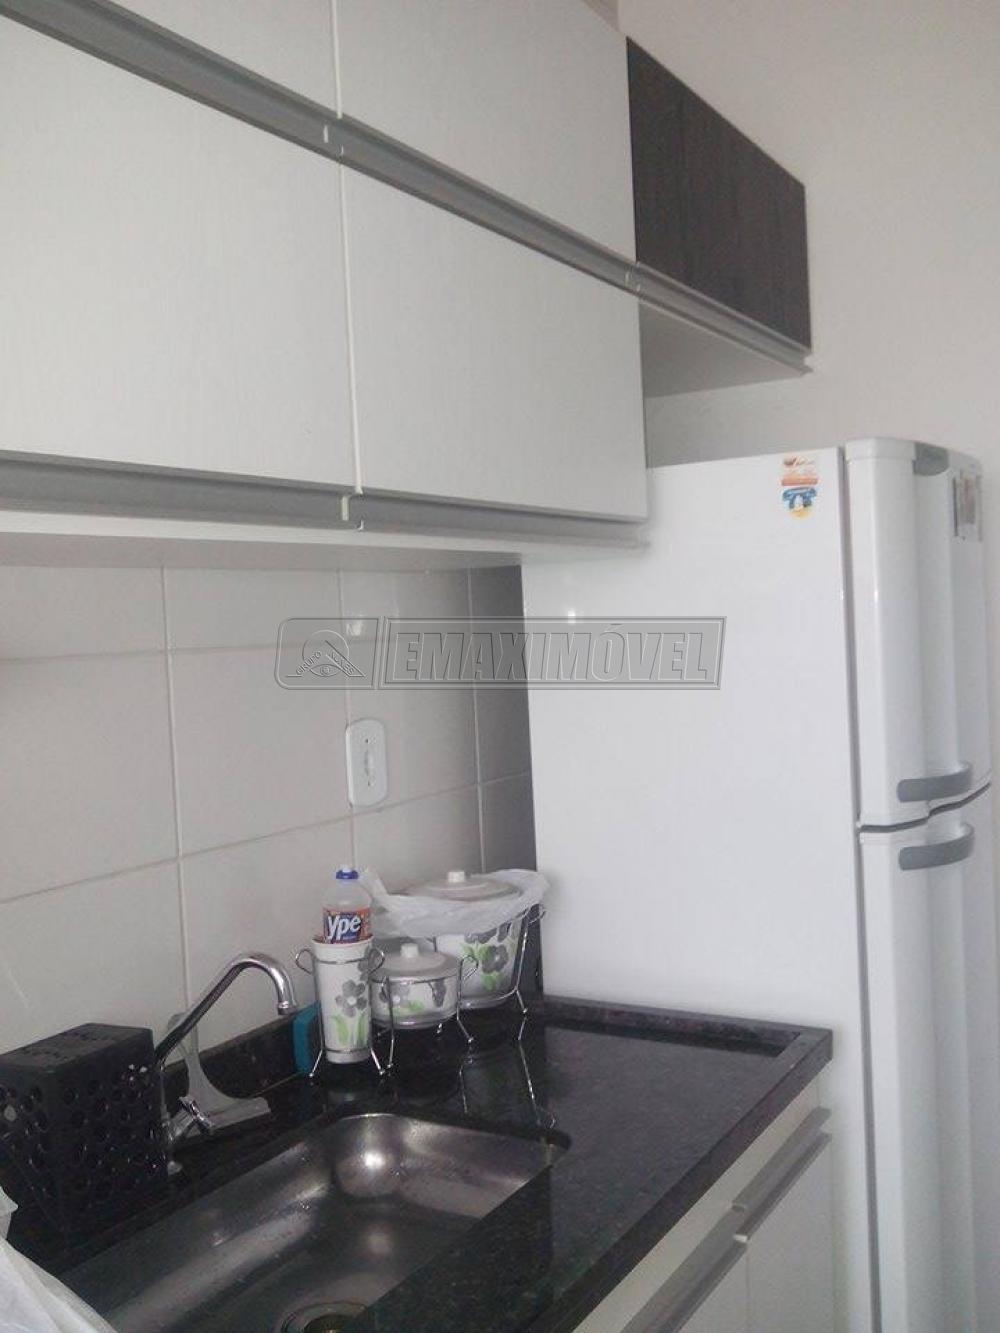 Comprar Apartamentos / Apto Padrão em Sorocaba apenas R$ 195.000,00 - Foto 15